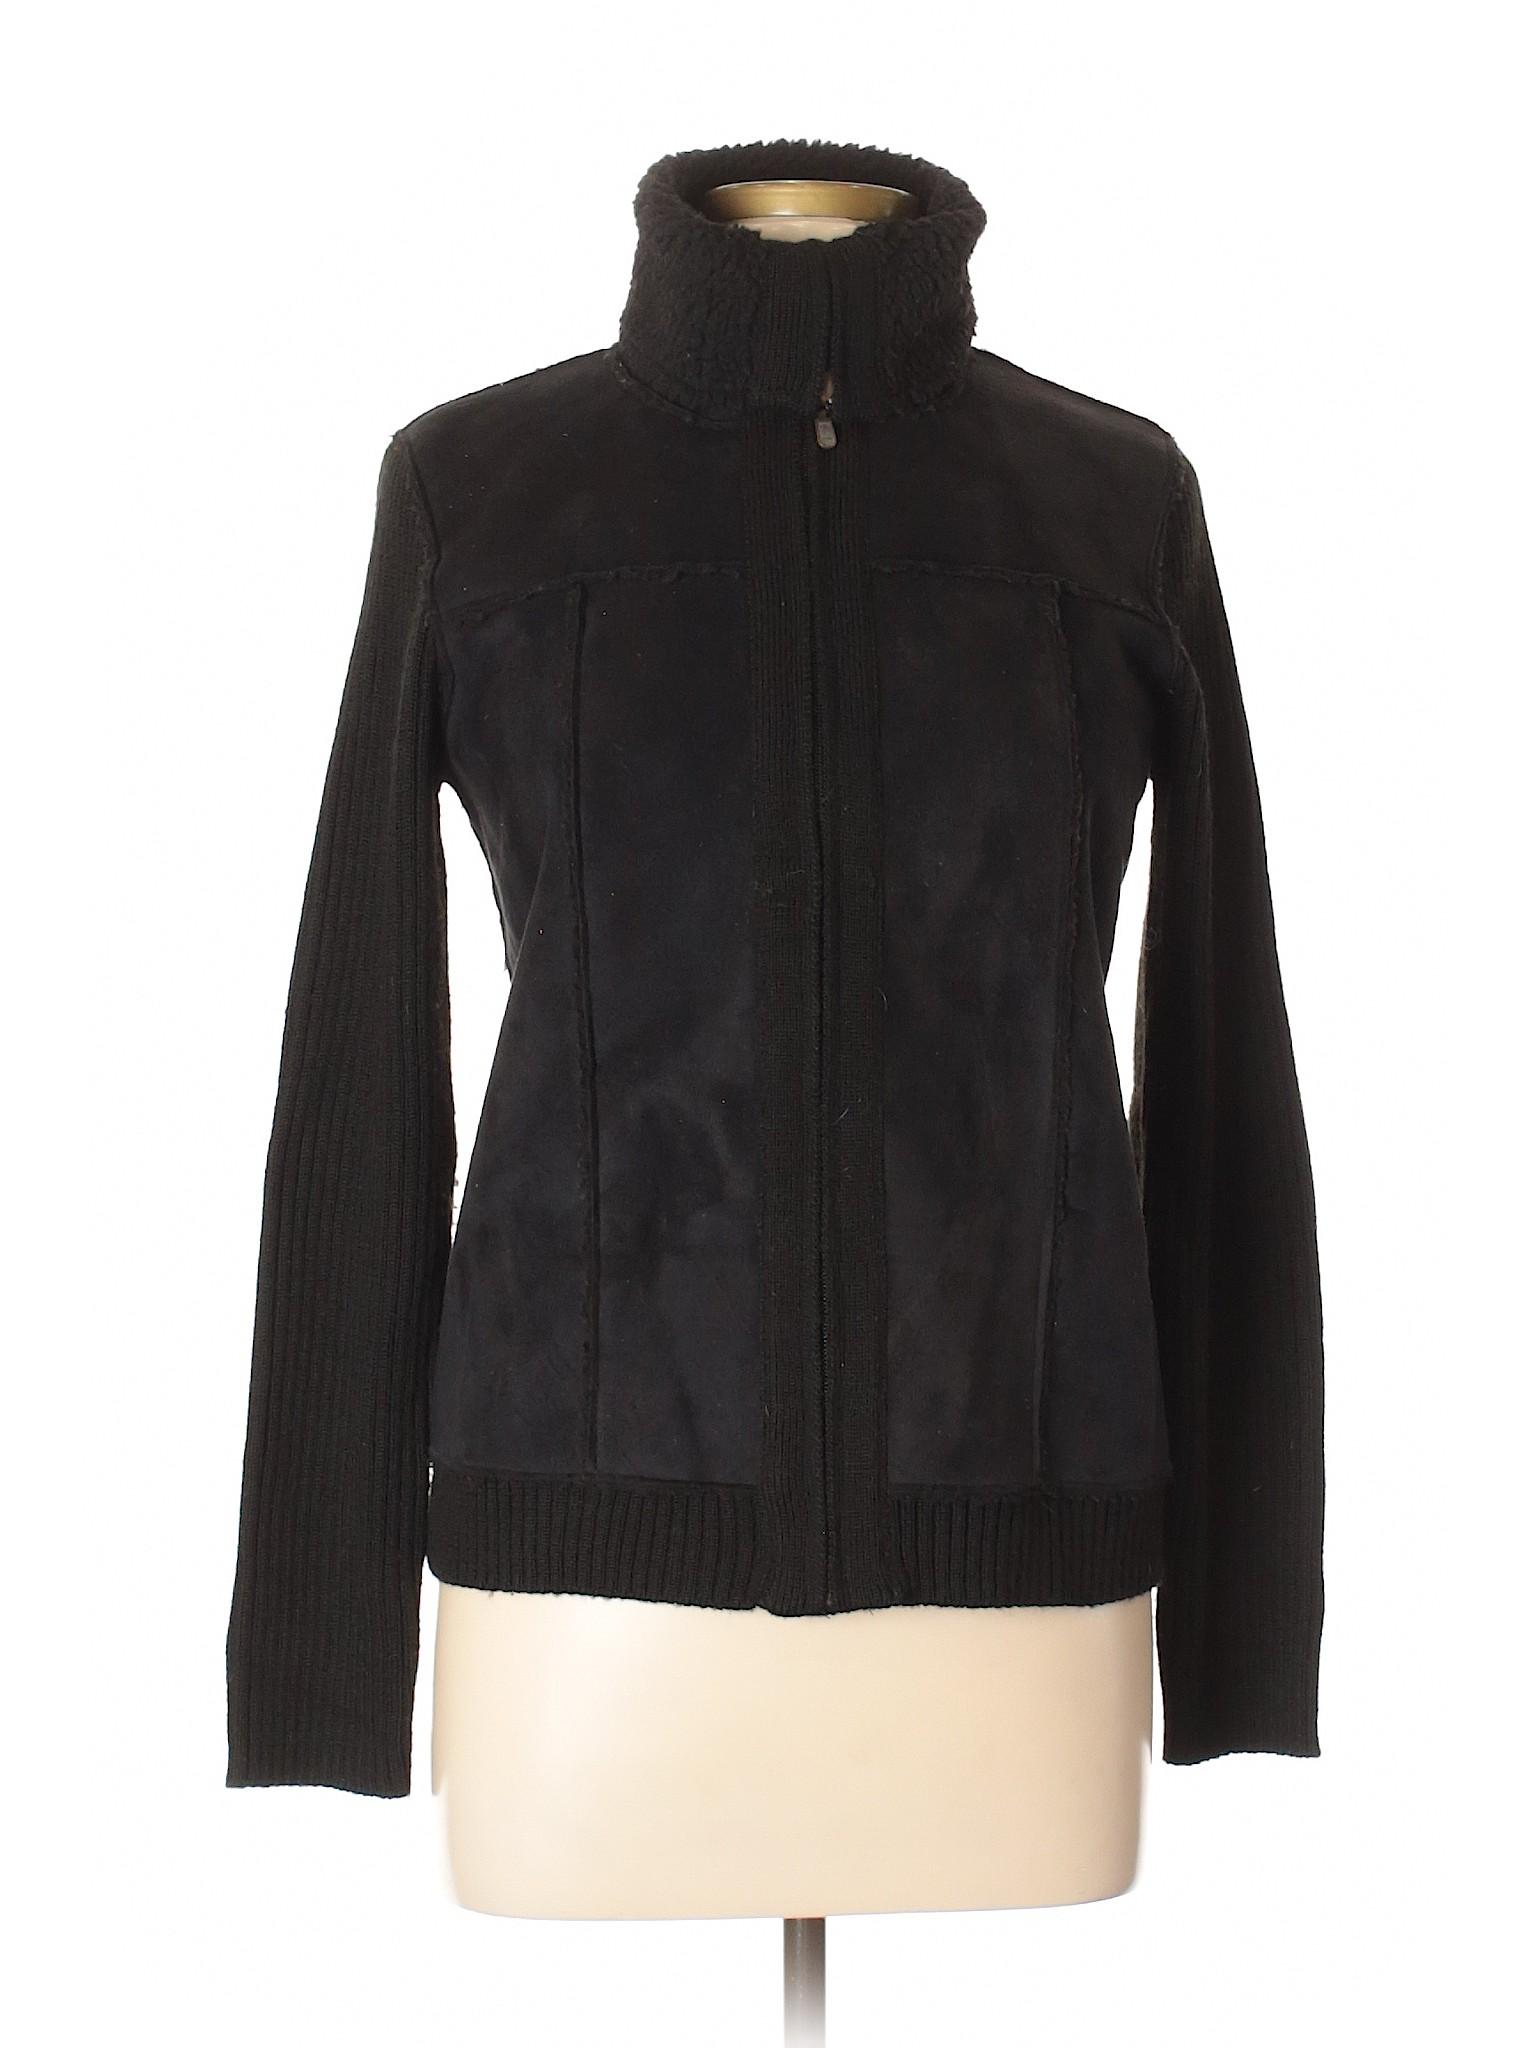 Style winter amp;Co Jacket Boutique winter Boutique tqTwx7W6